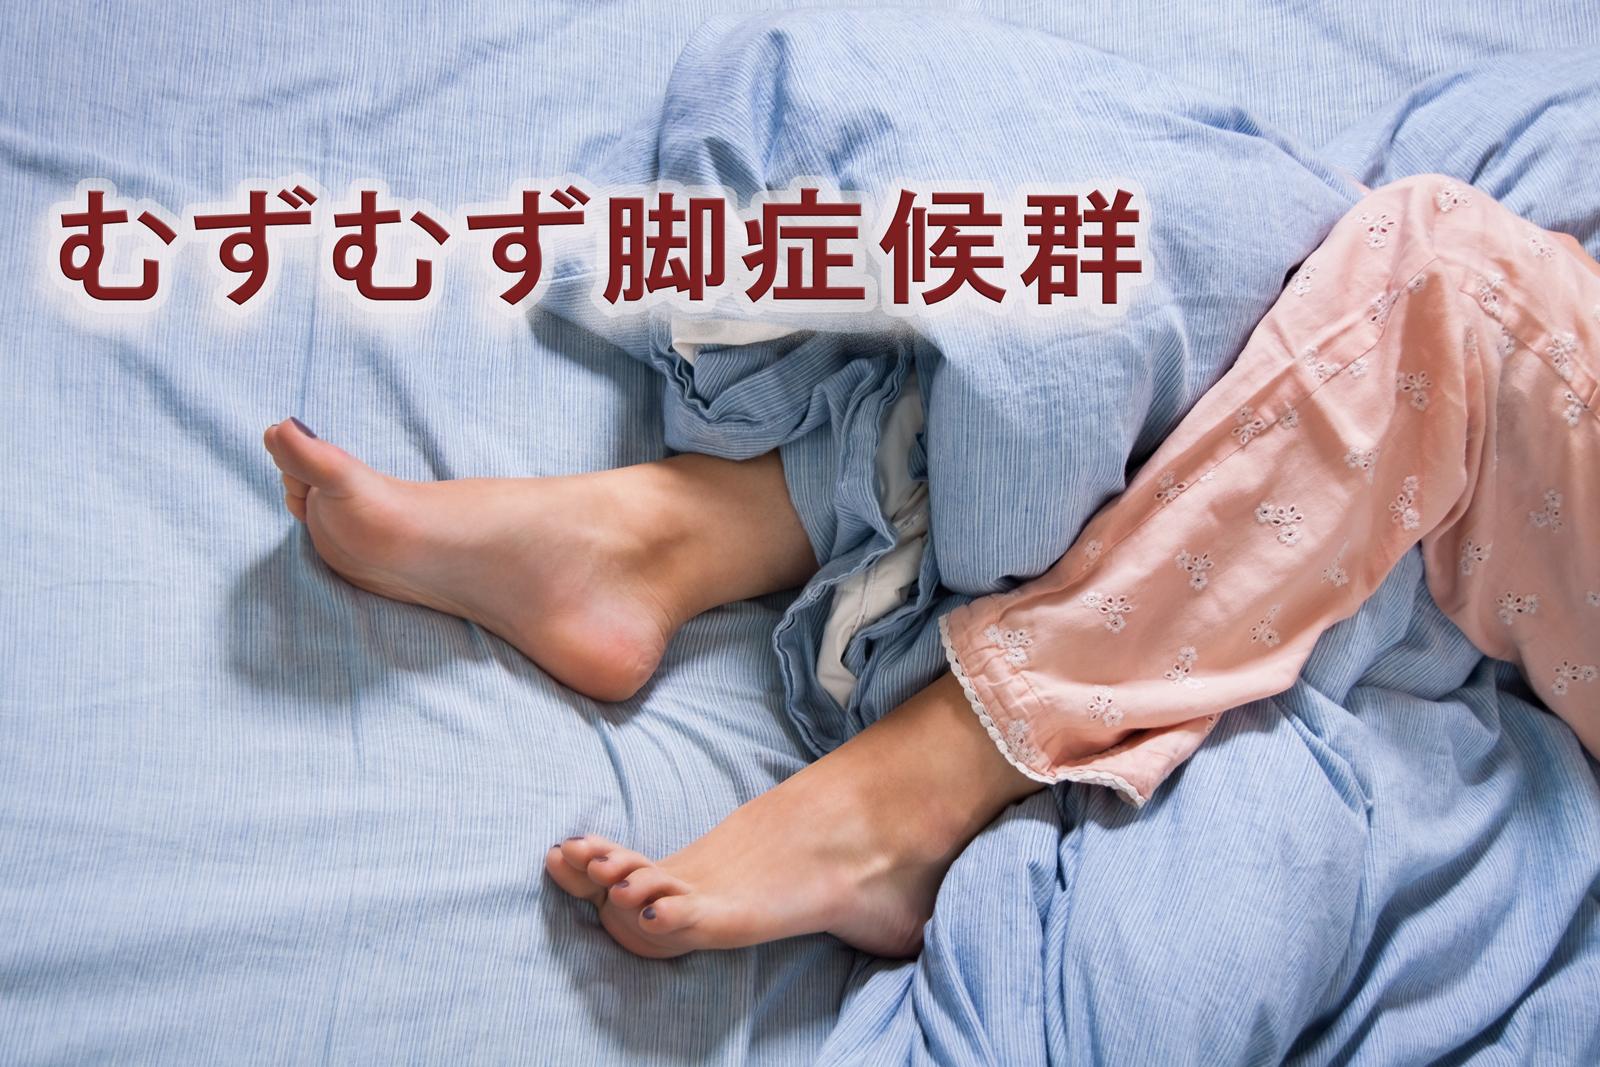 治る 症候群 むずむず 脚